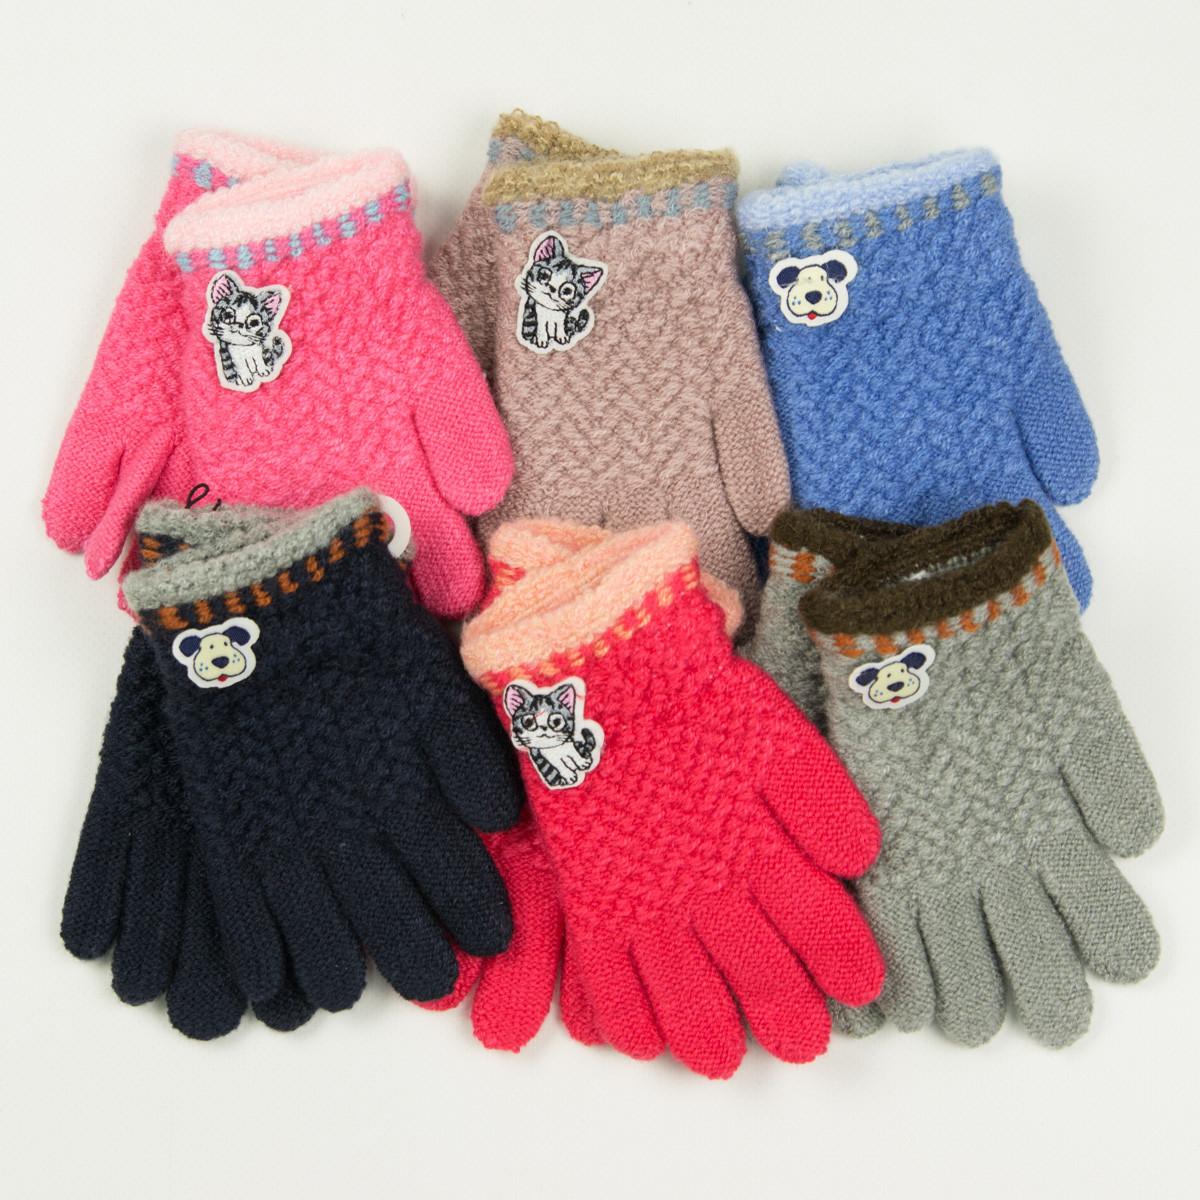 Оптом перчатки для мальчиков и девочек 2-3 года - 19-7-43